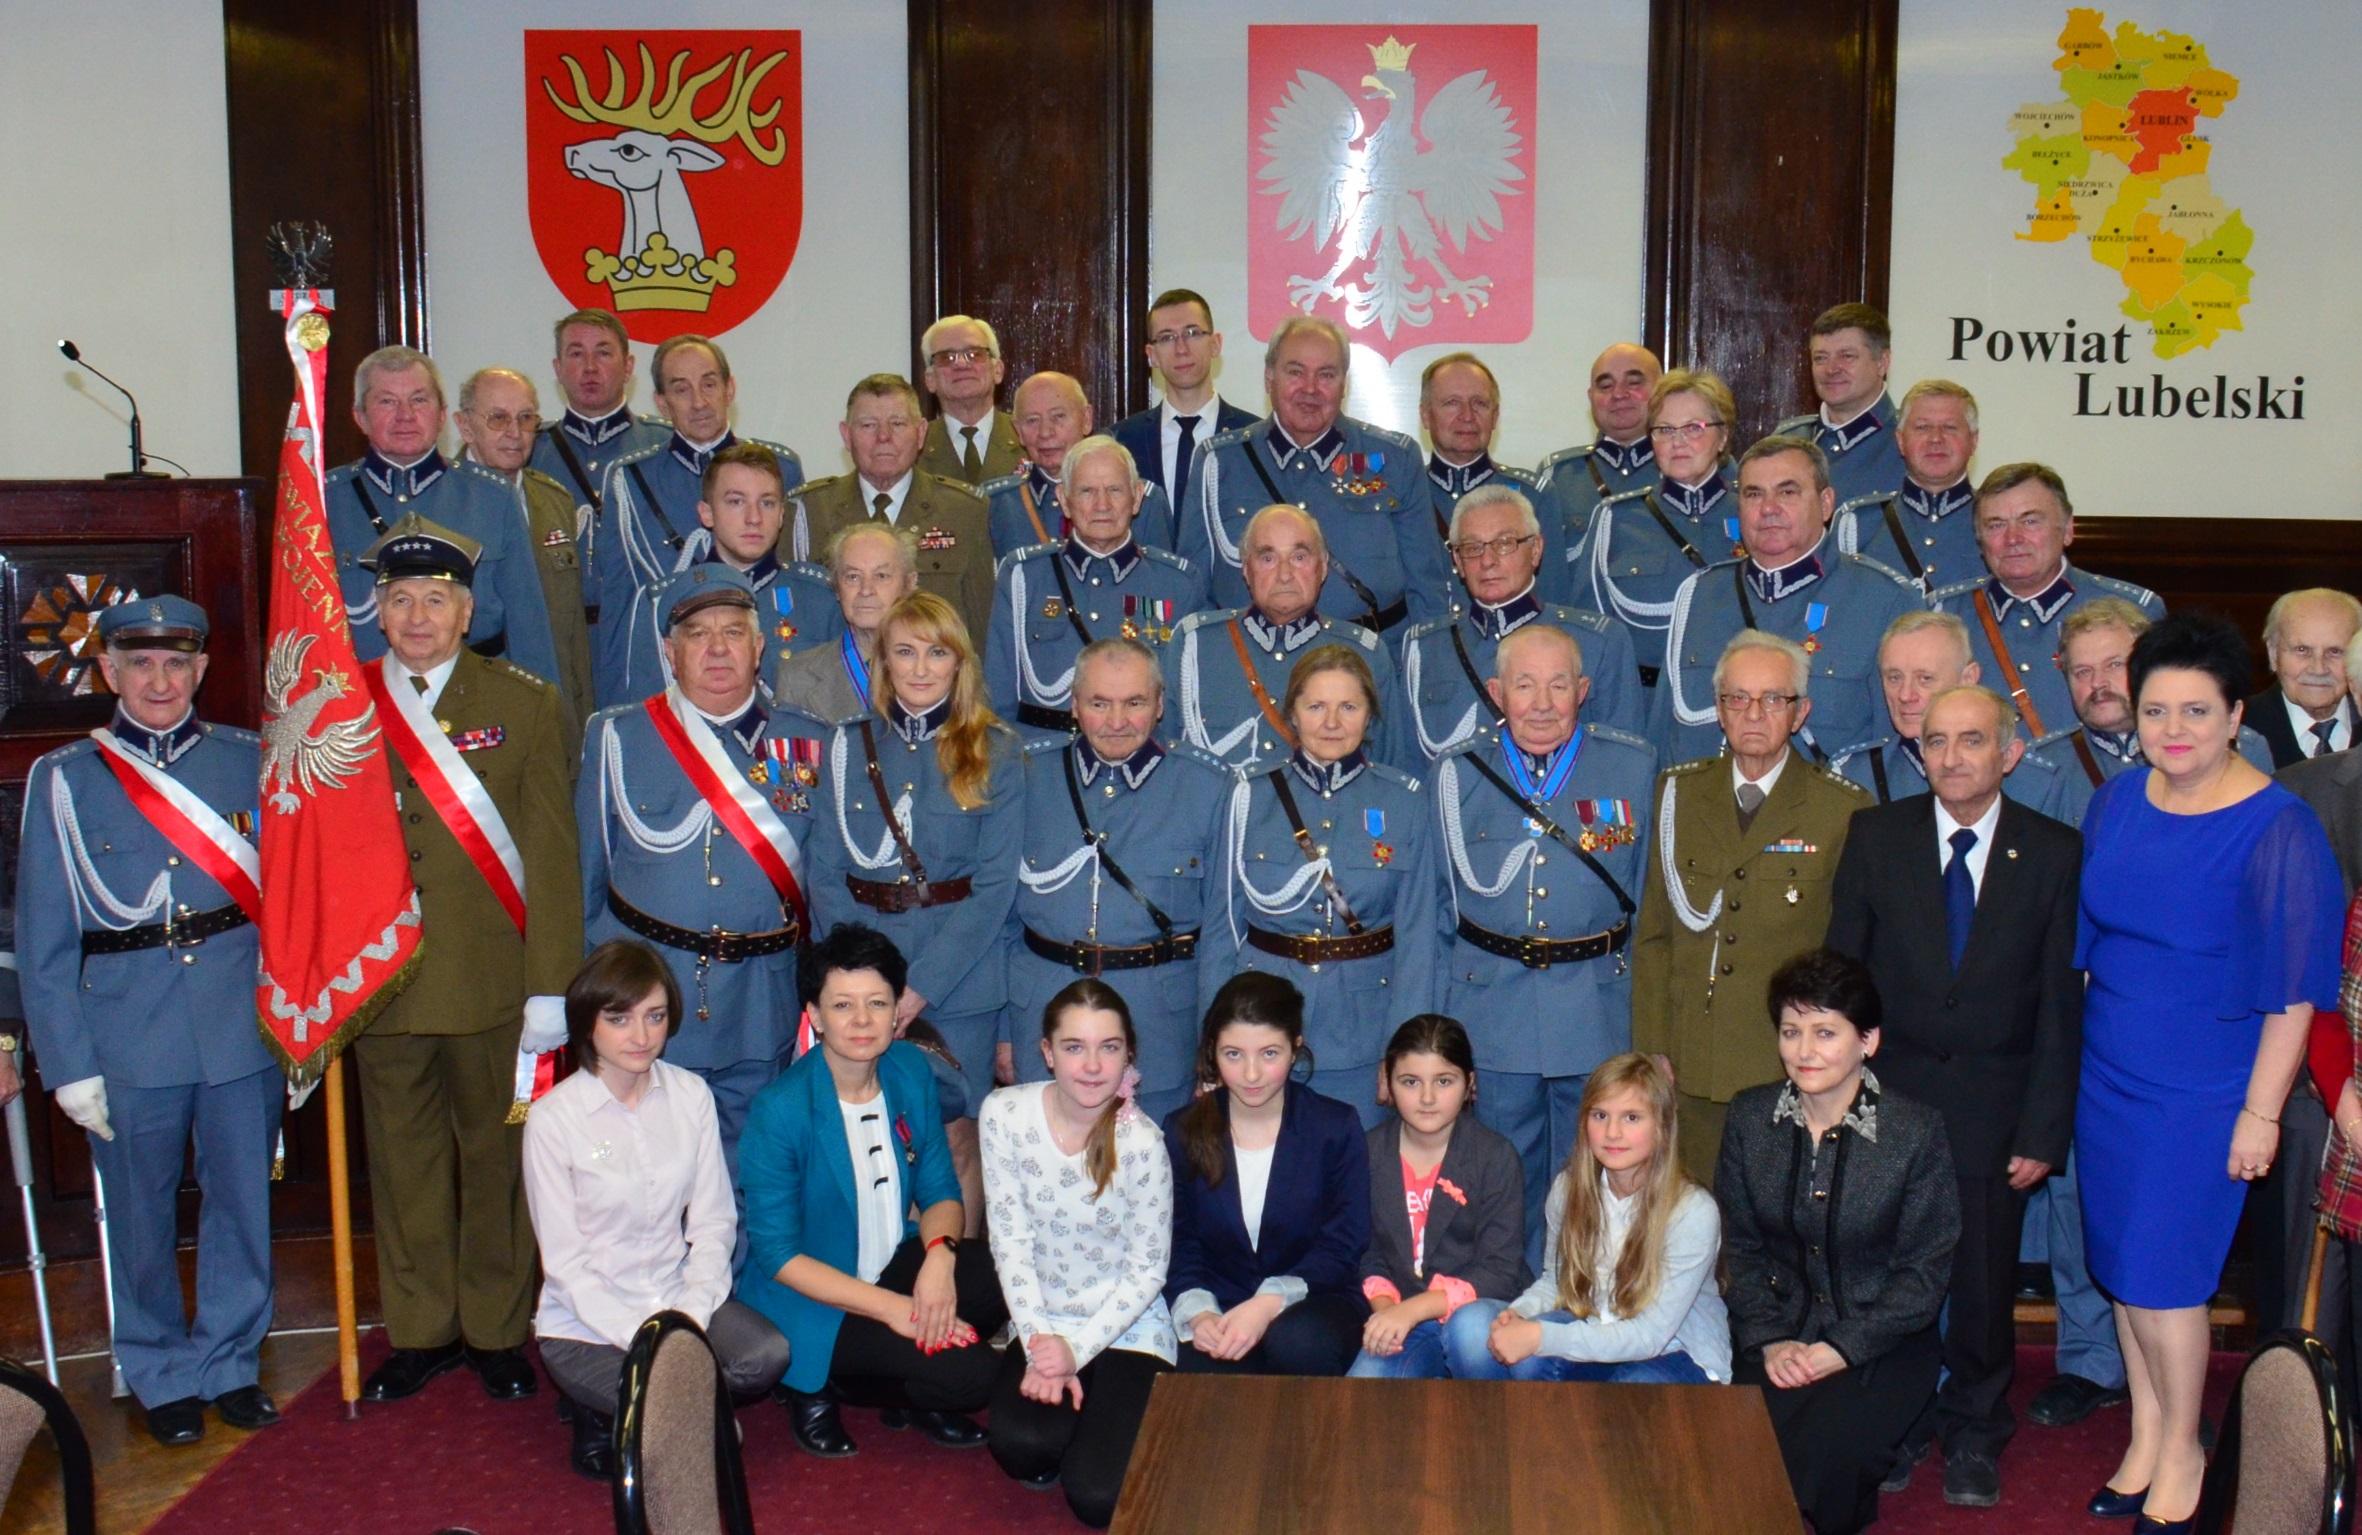 Spotkanie integracyjne z okazji 148. rocznicy urodzin Marszałka Józefa Piłsudskiego